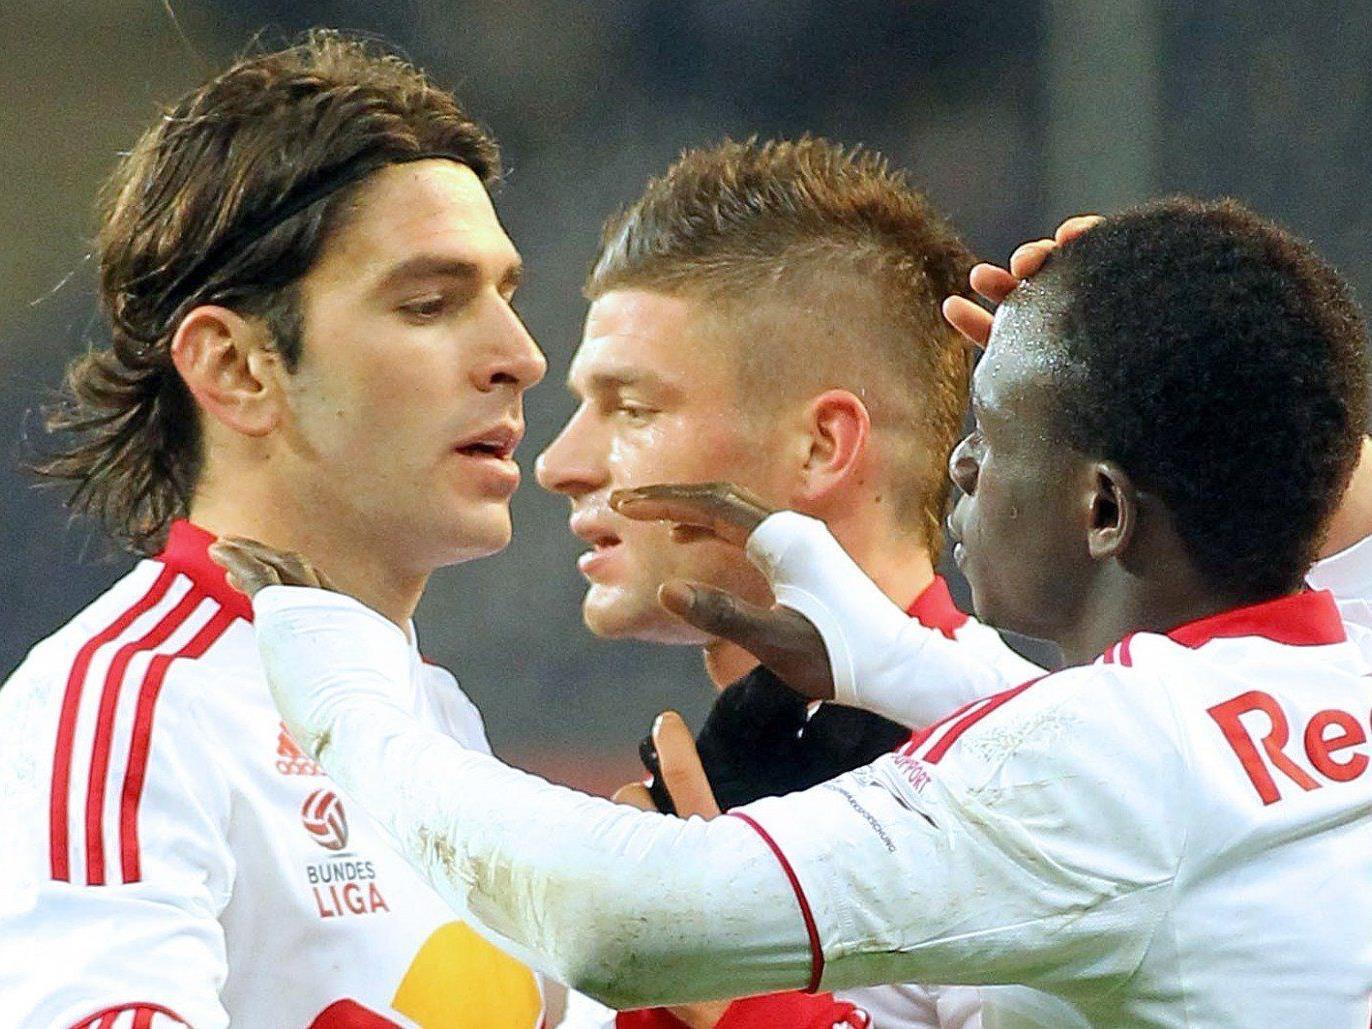 Wir berichten LIVE vom Spiel SV Mattersburg gegen Red Bull Salzburg.